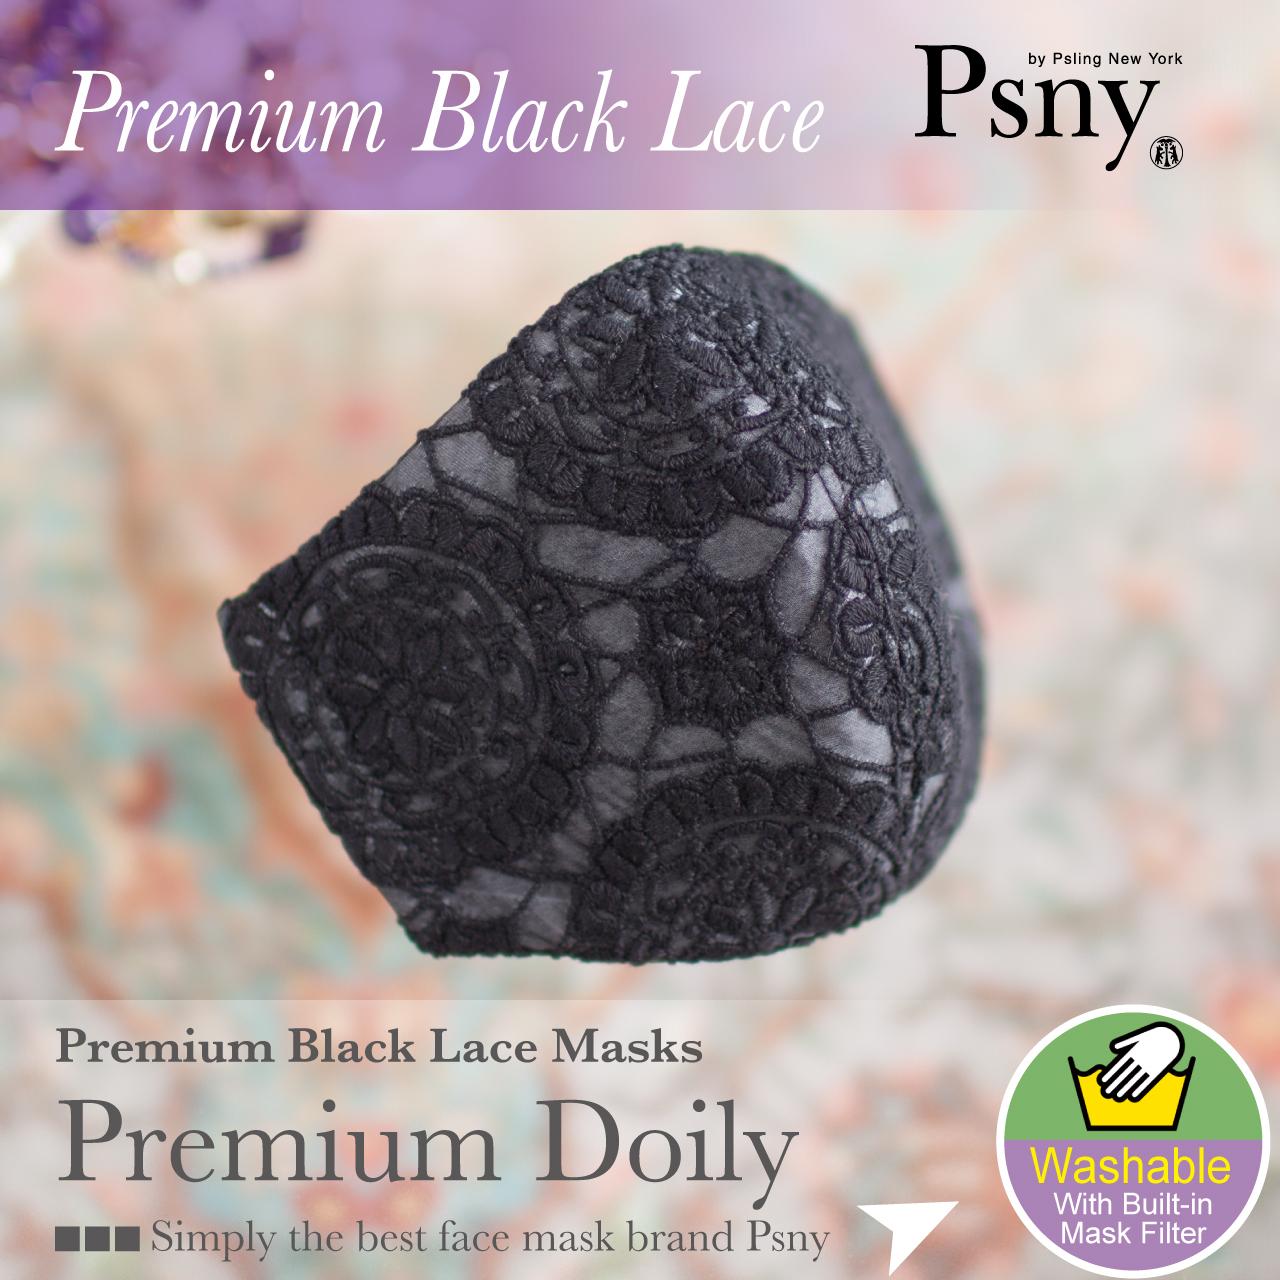 PSNY プレミアム ブラック レース・ドイリー 花粉 黄砂 洗える不織布フィルター入り 立体 大人用 ブラック マスク 送料無料 LD1